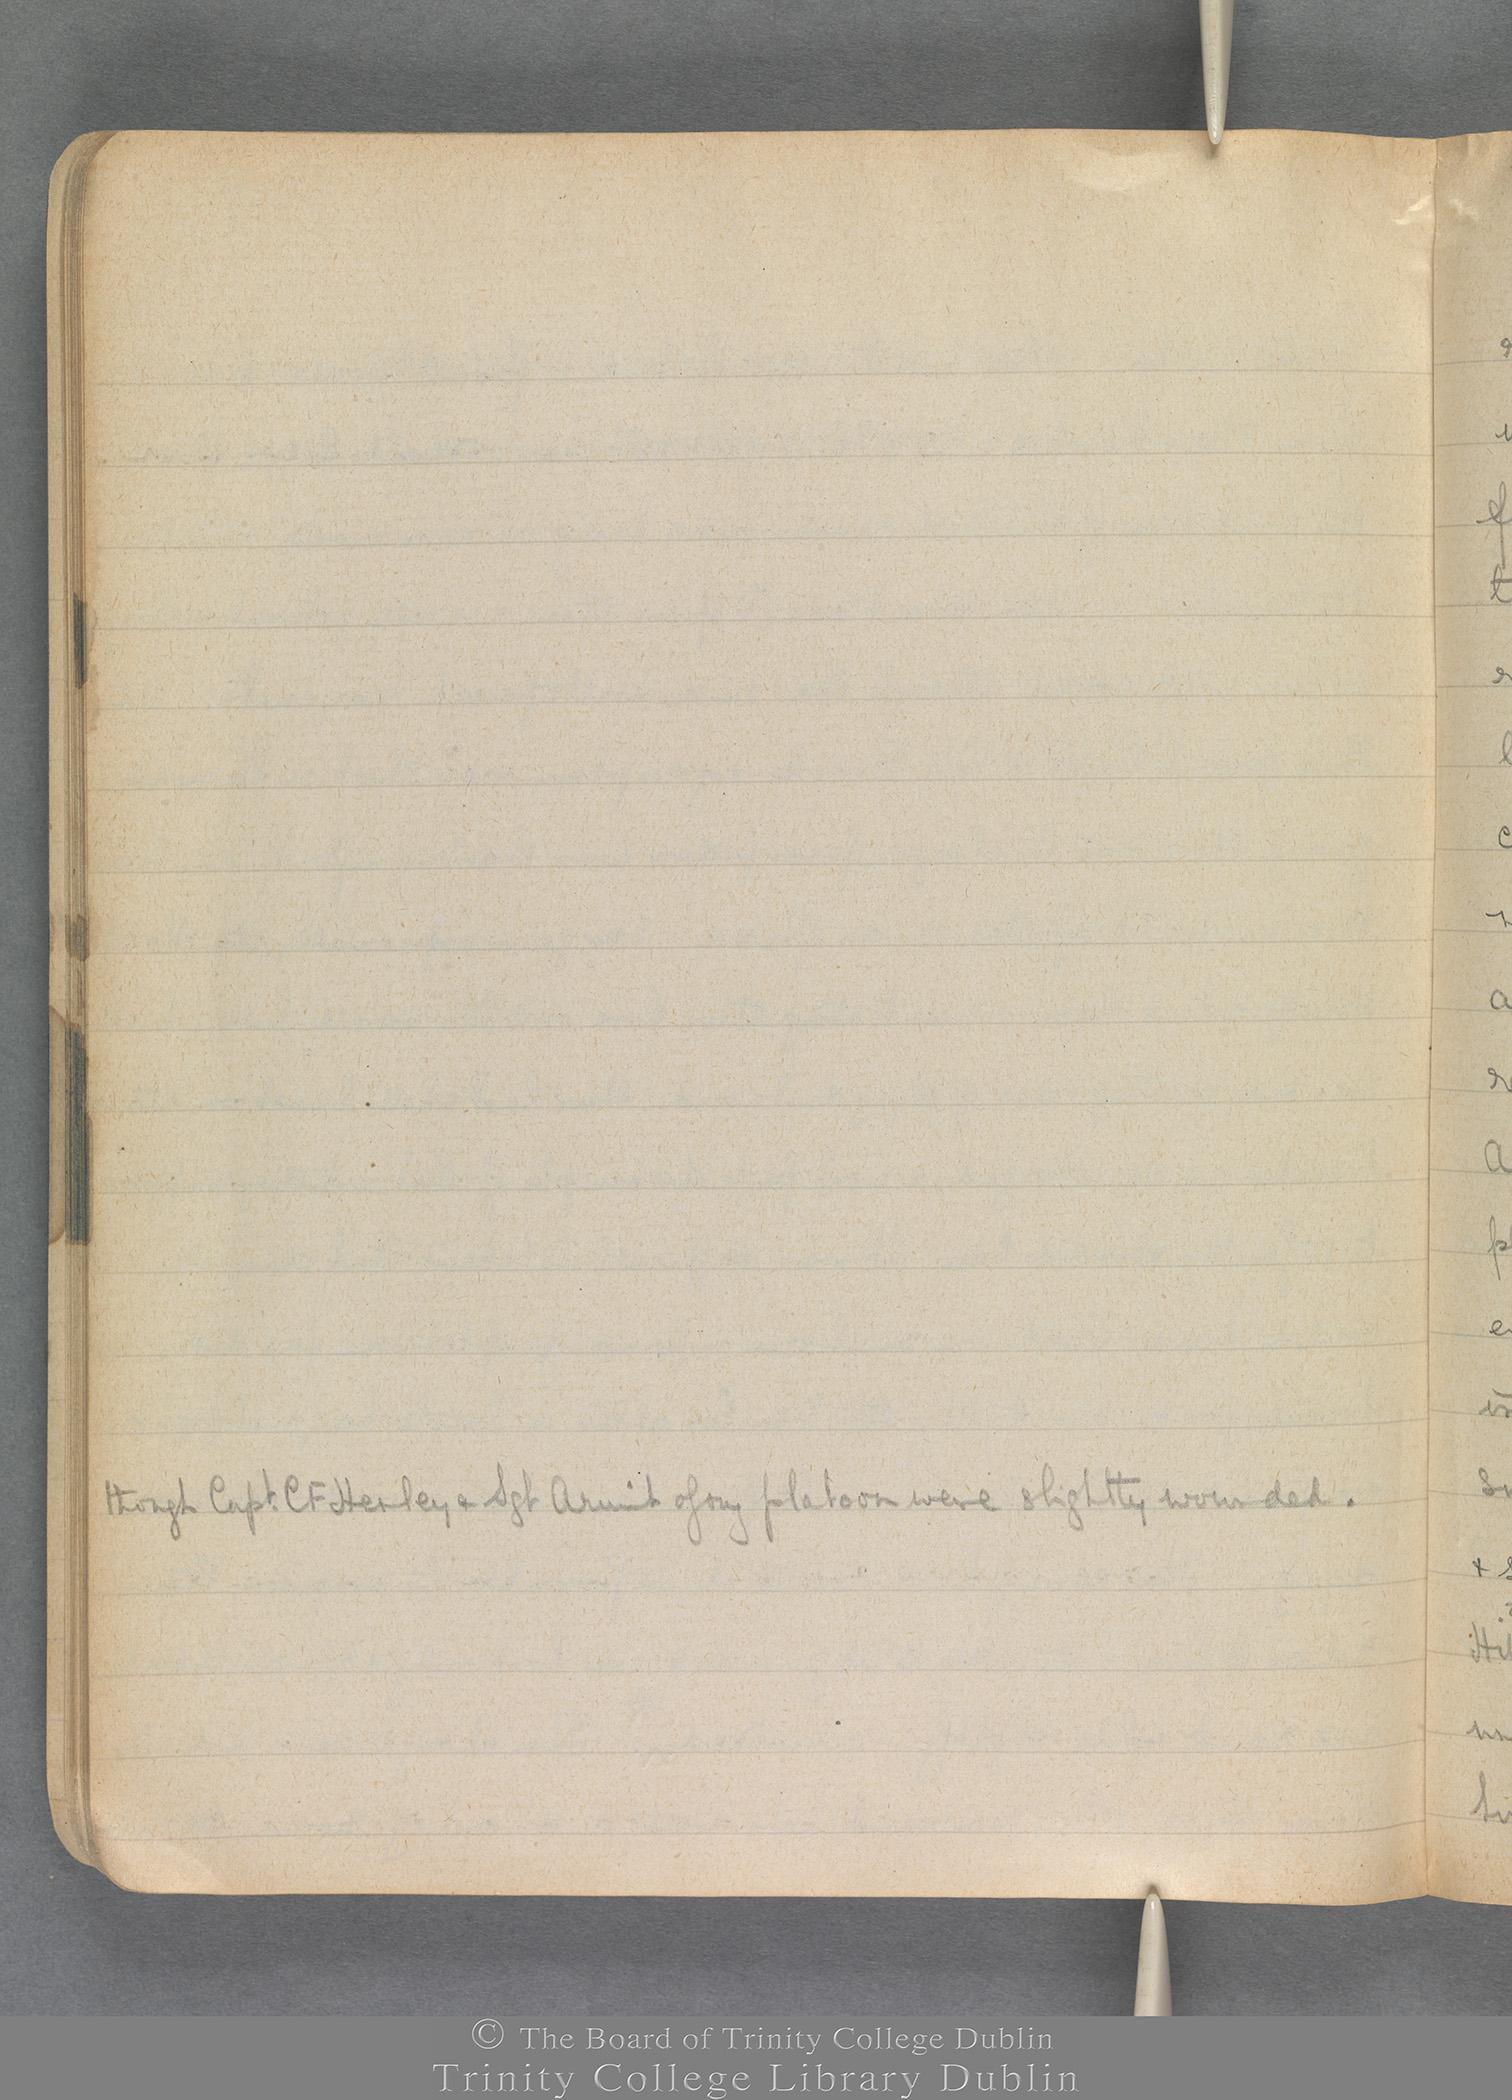 TCD MS 3414 folio 21 verso